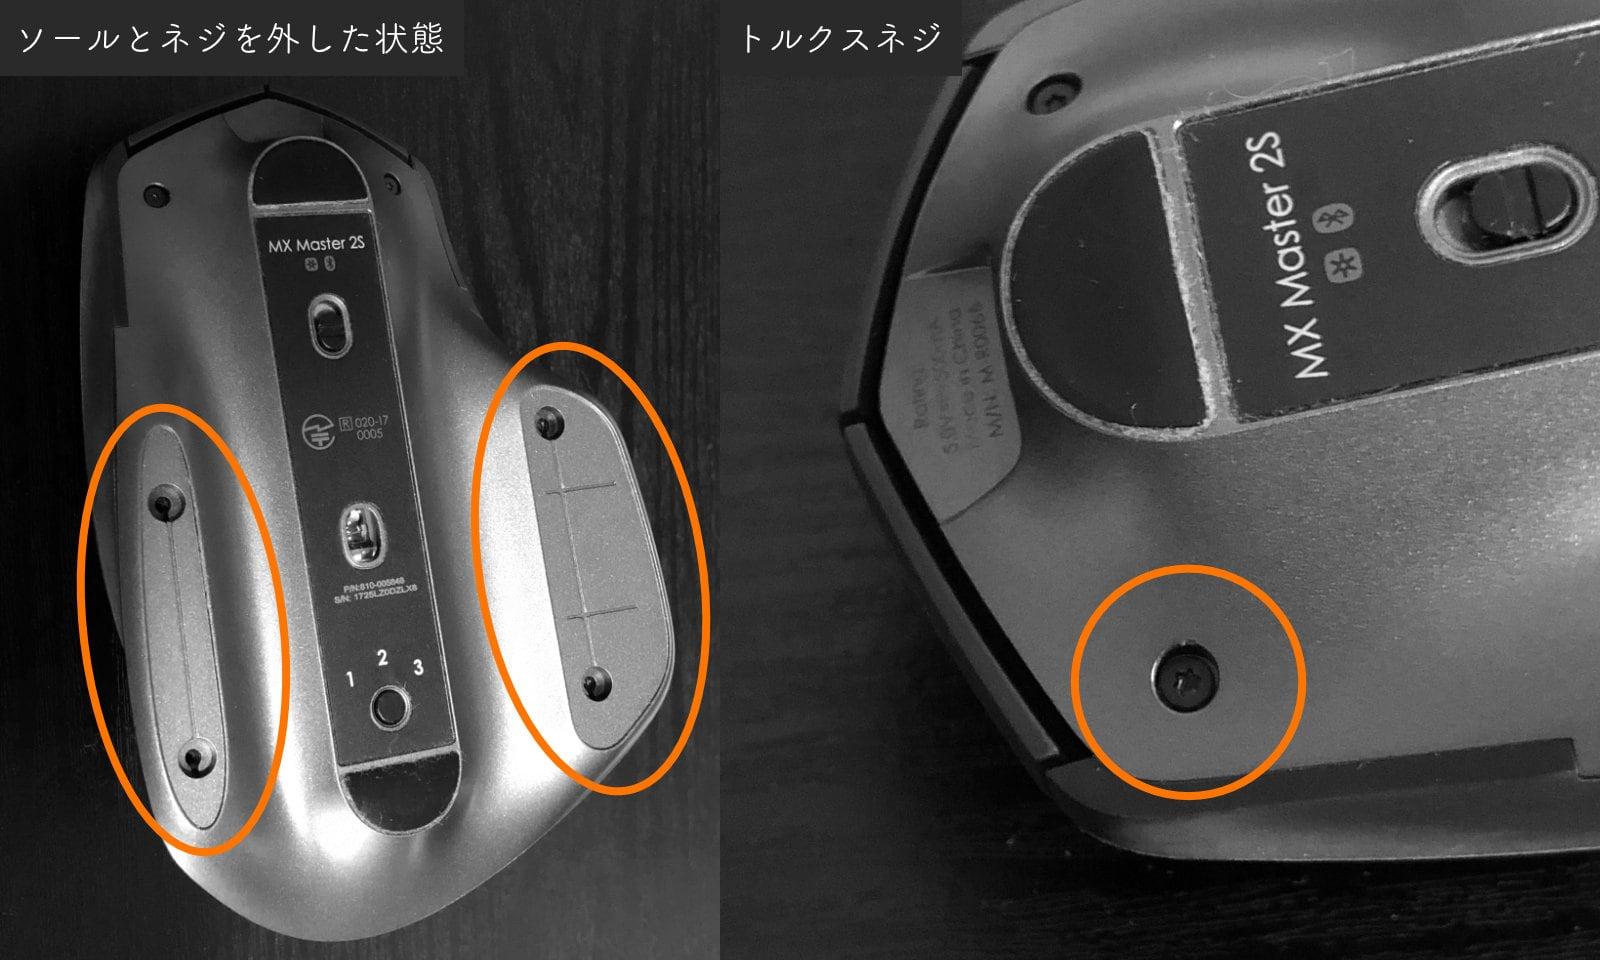 マウスの底の写真。左はマウス全体の写真でソールを剥がした部分にねじ穴が見えていて丸で囲われている。右はトルクスネジの場所を示した写真